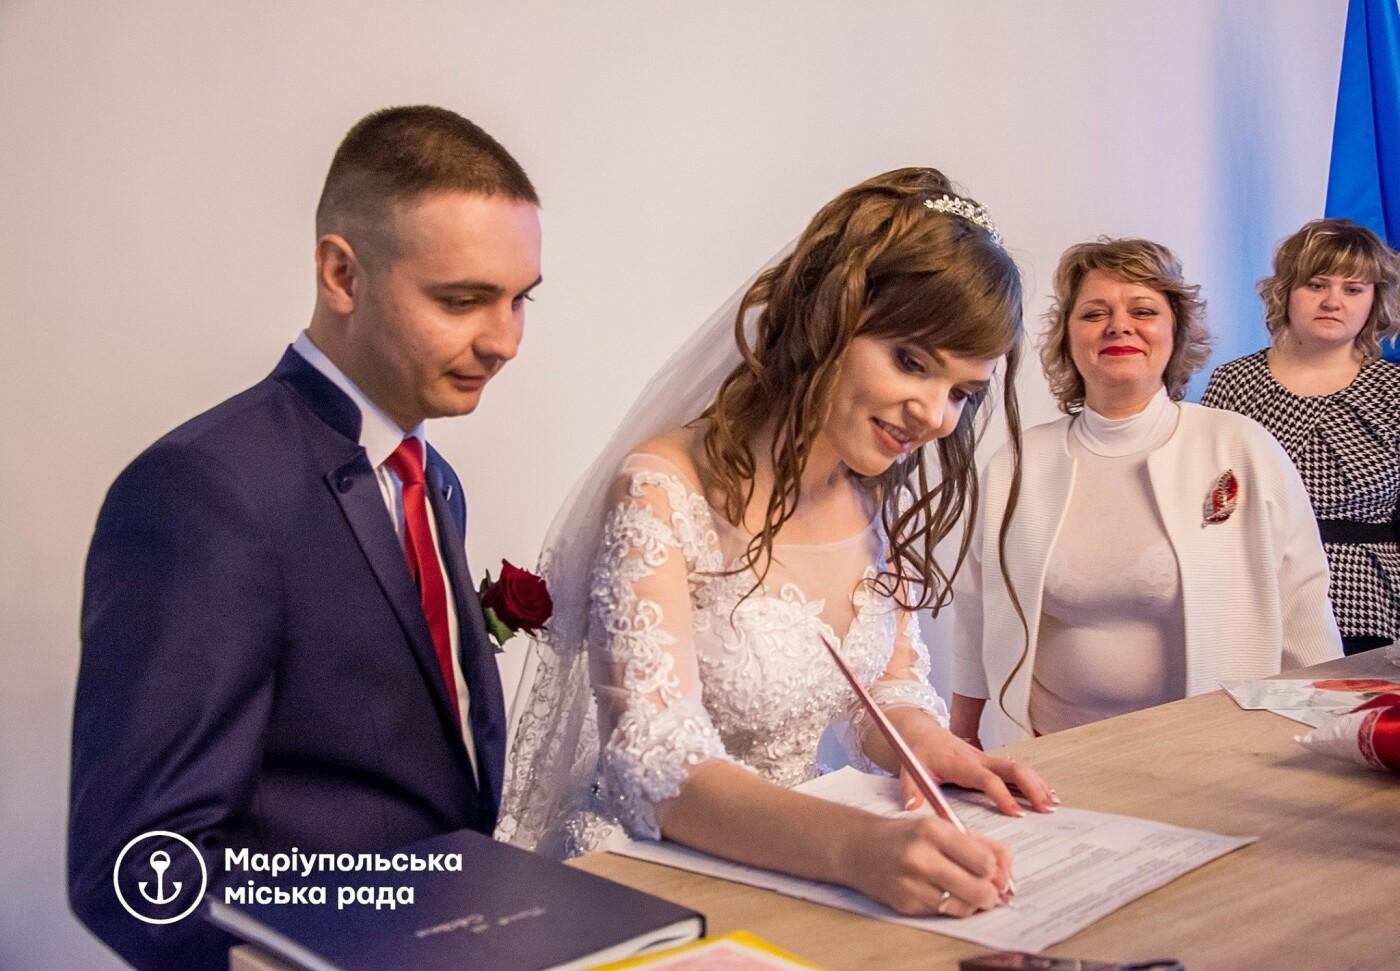 В Мультицентре на Левобережье провели первую свадебную церемонию, фото-1